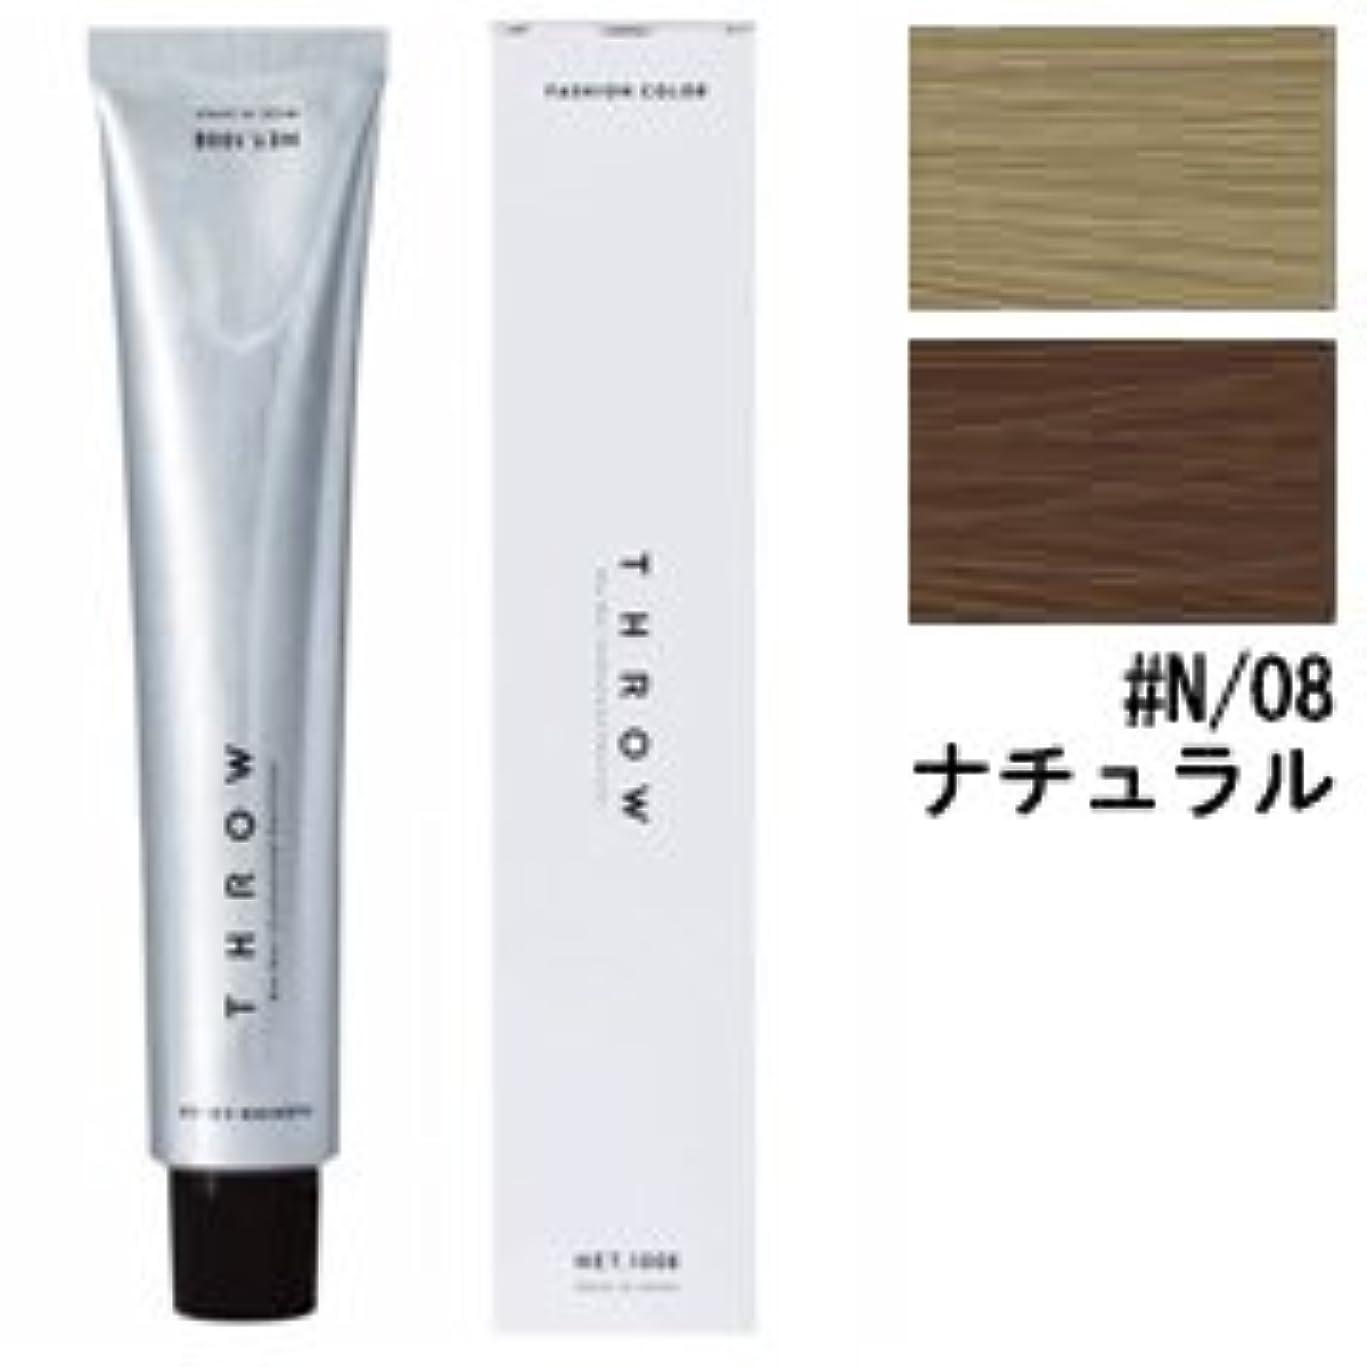 相手矢印ぬいぐるみ【モルトベーネ】スロウ ファッションカラー #N/08 ナチュラル 100g